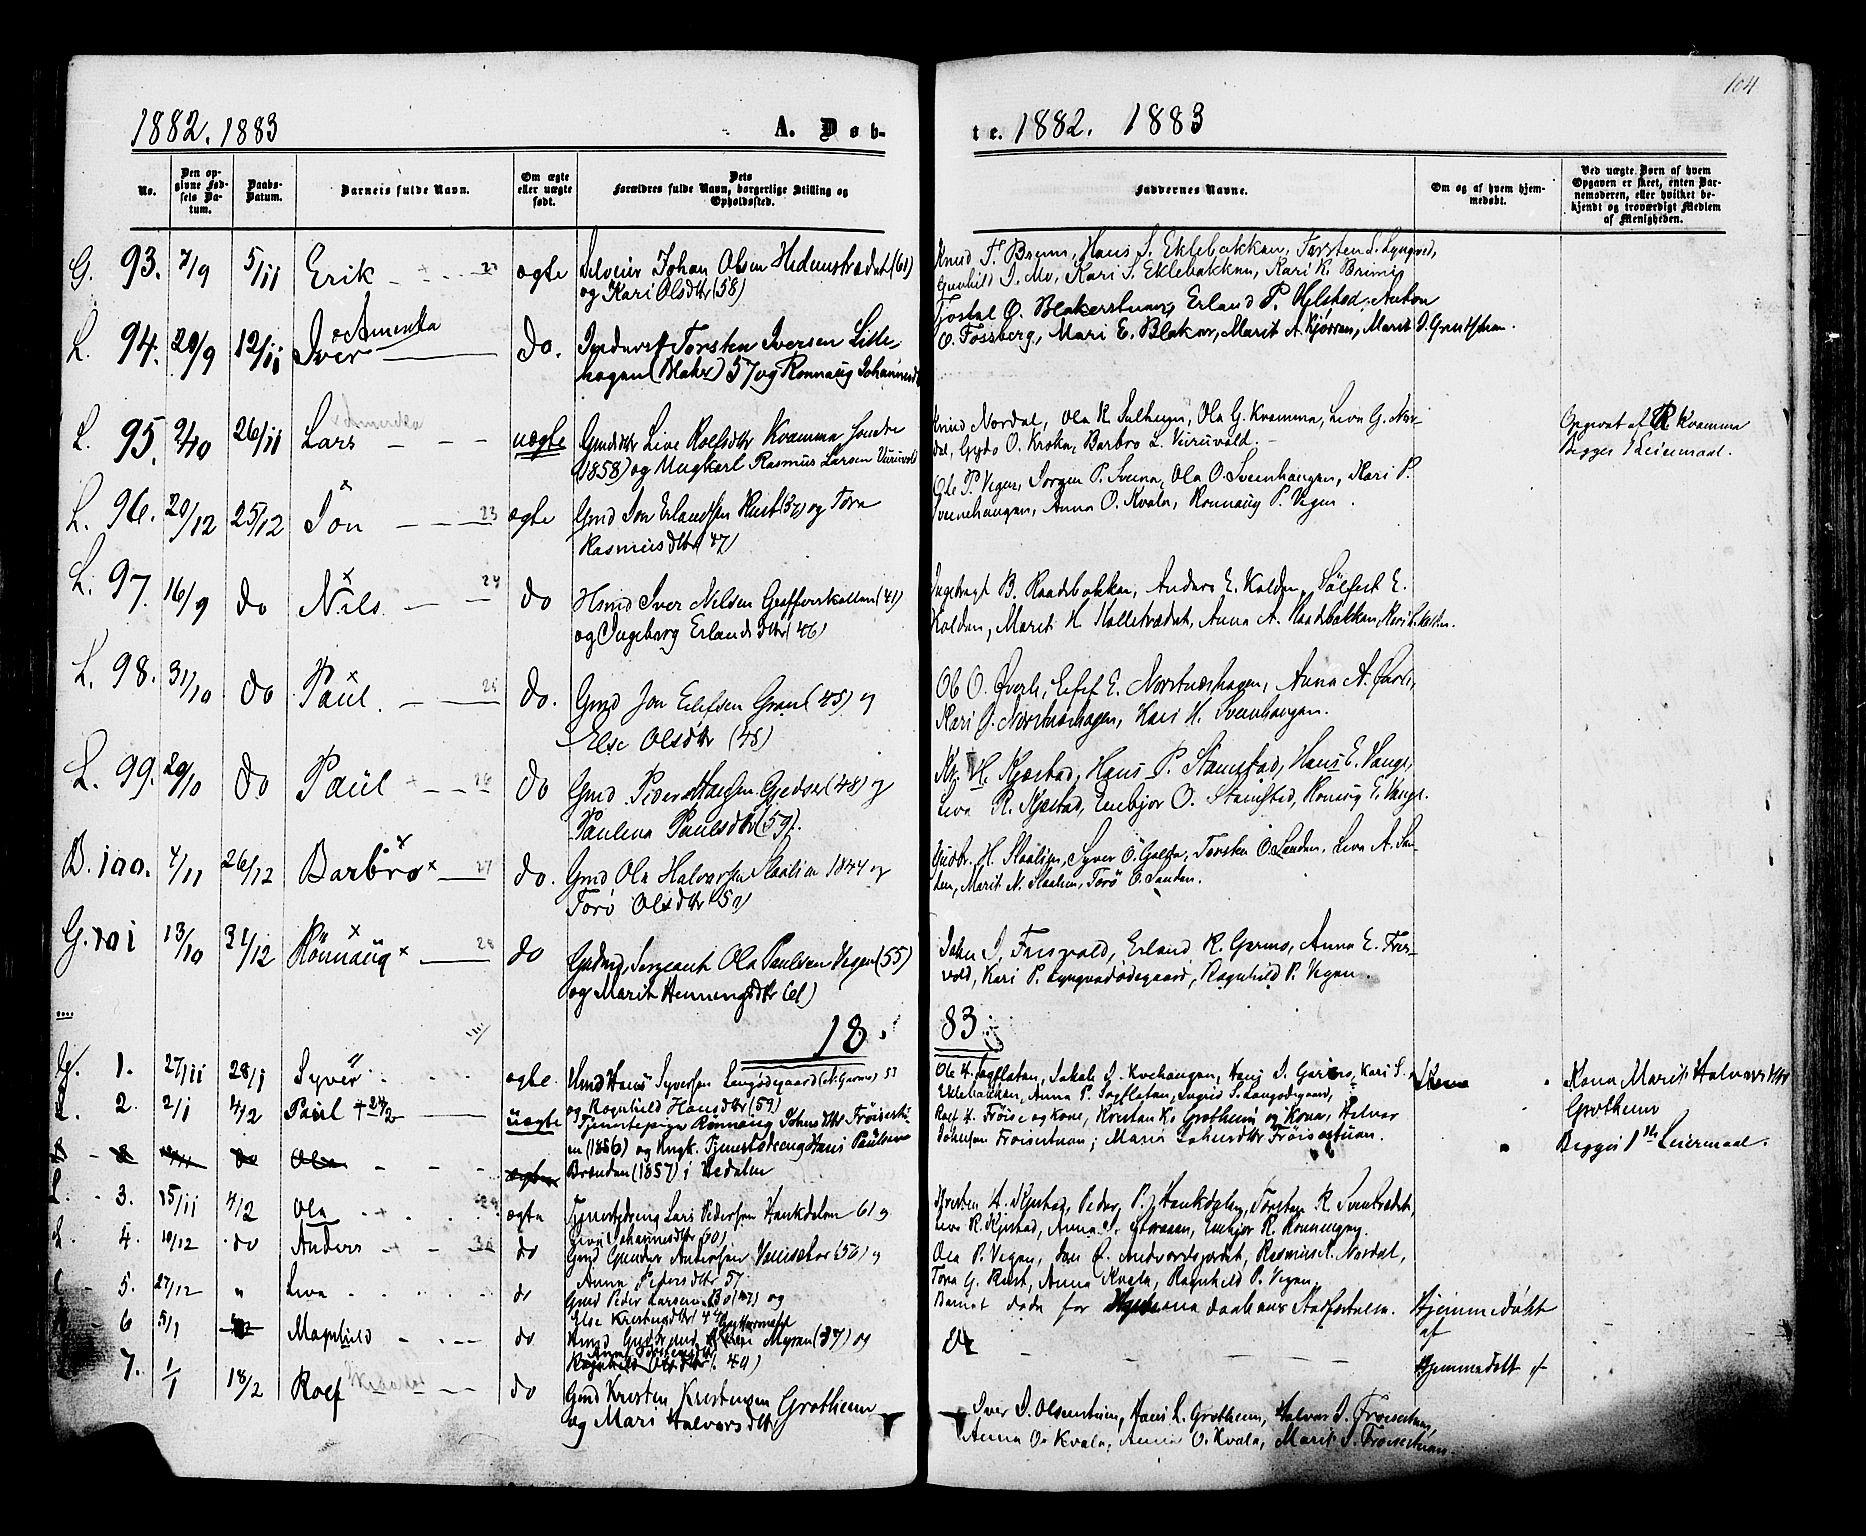 SAH, Lom prestekontor, K/L0007: Ministerialbok nr. 7, 1863-1884, s. 104